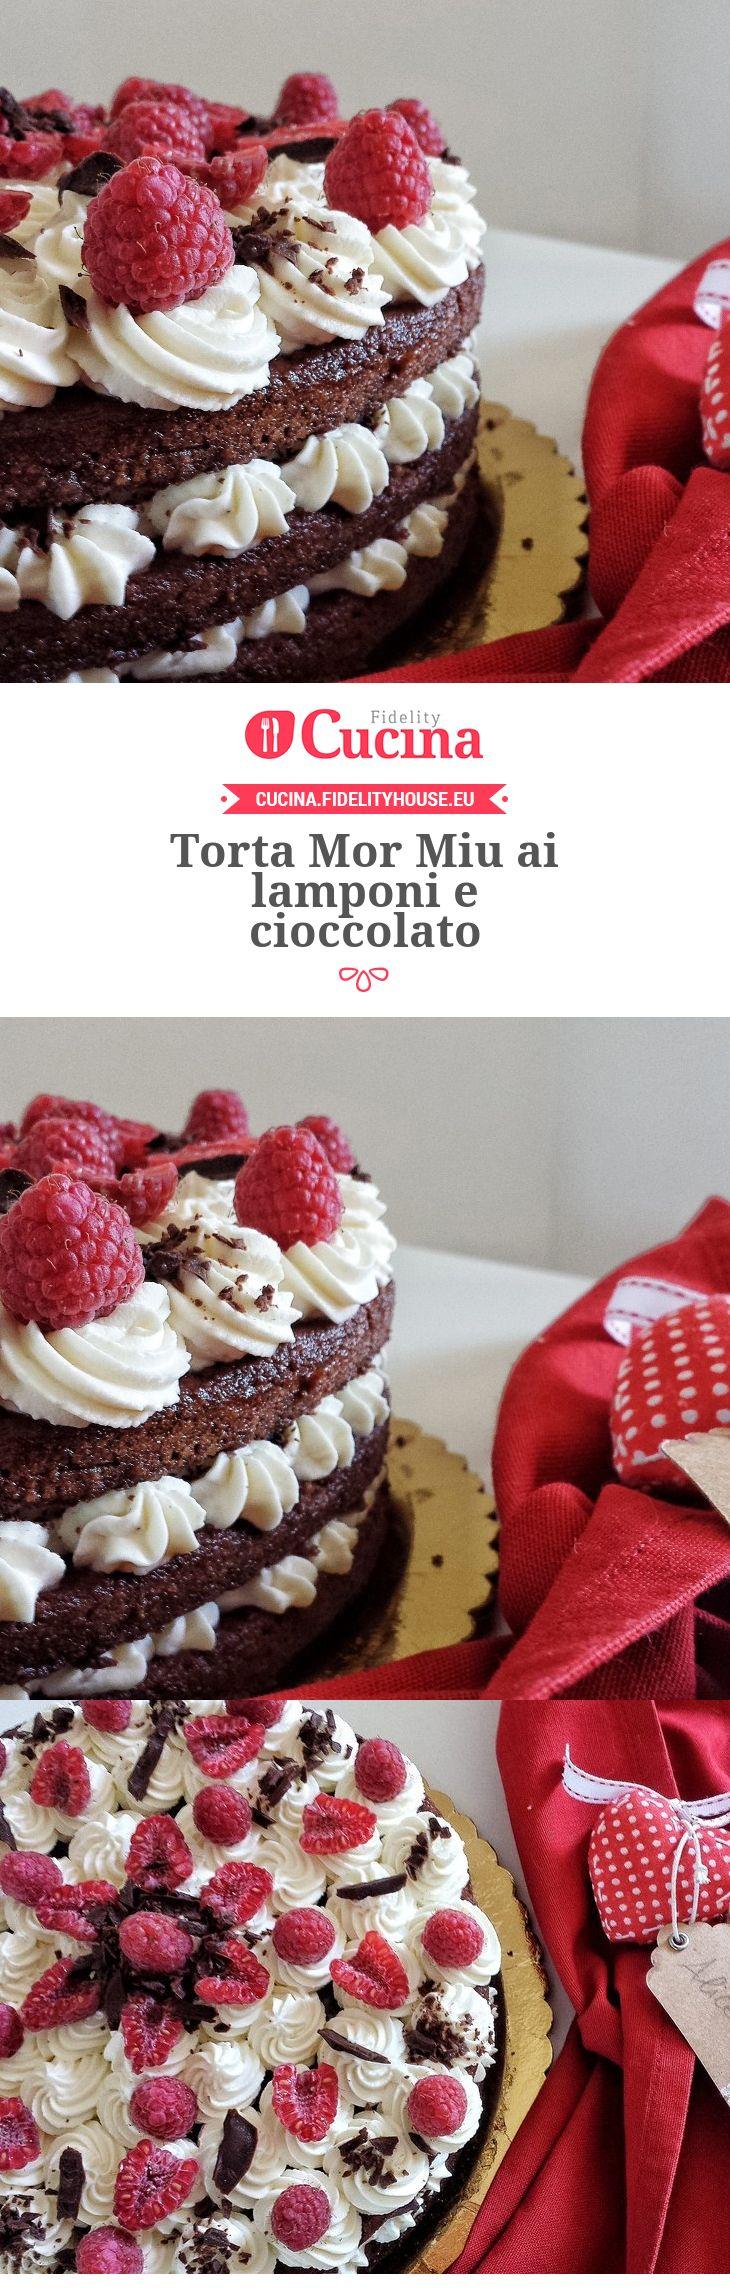 #Torta Mor Miu ai #lamponi e #cioccolato della nostra utente Alice. Unisciti alla nostra Community ed invia le tue ricette!